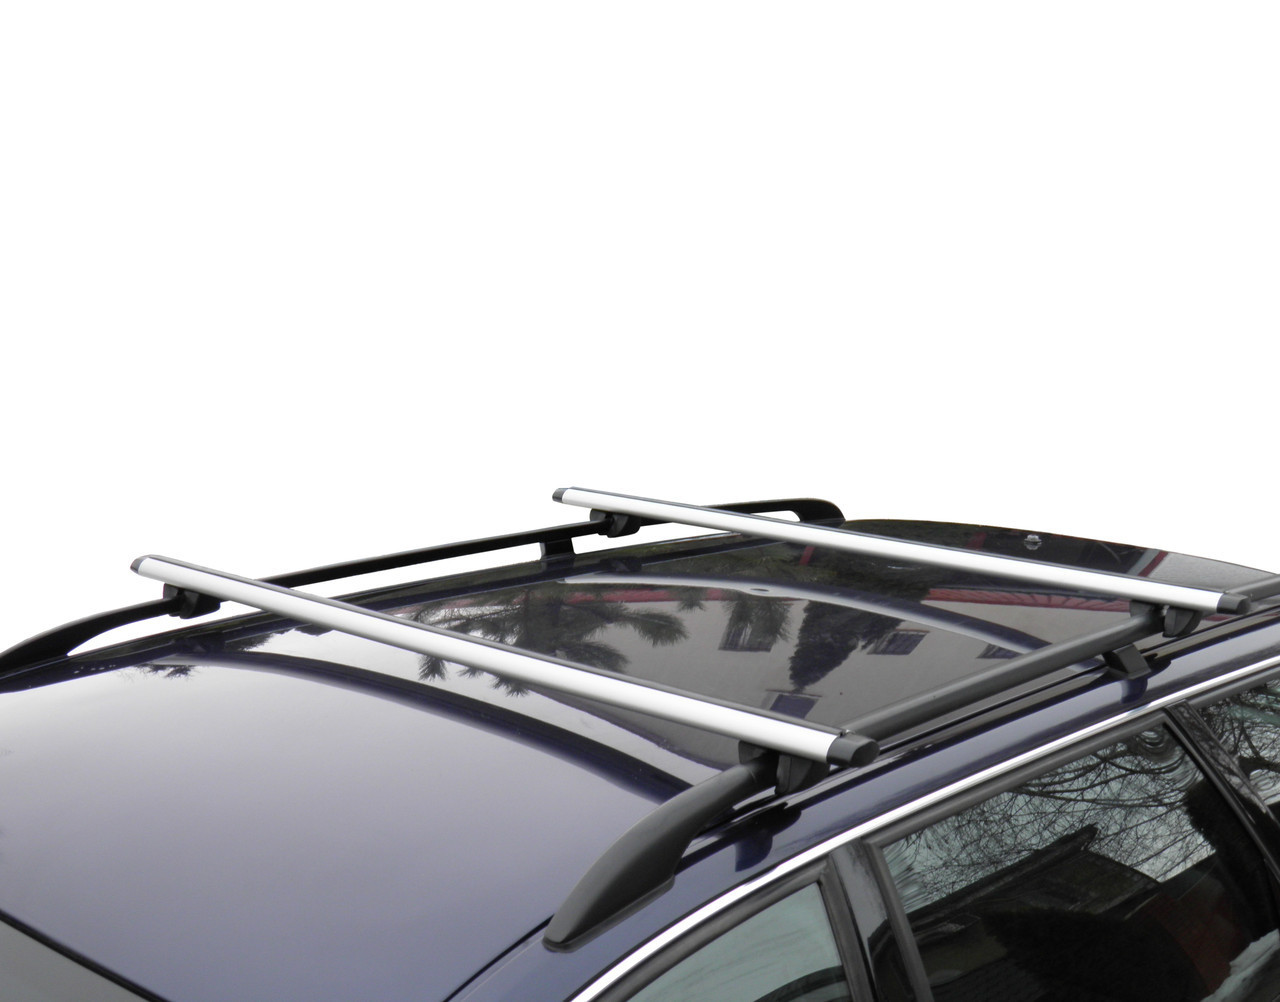 Кенгуру Рейлинг Аэро 130см - универсальный багажник на крышу авто со штатными рейлингами